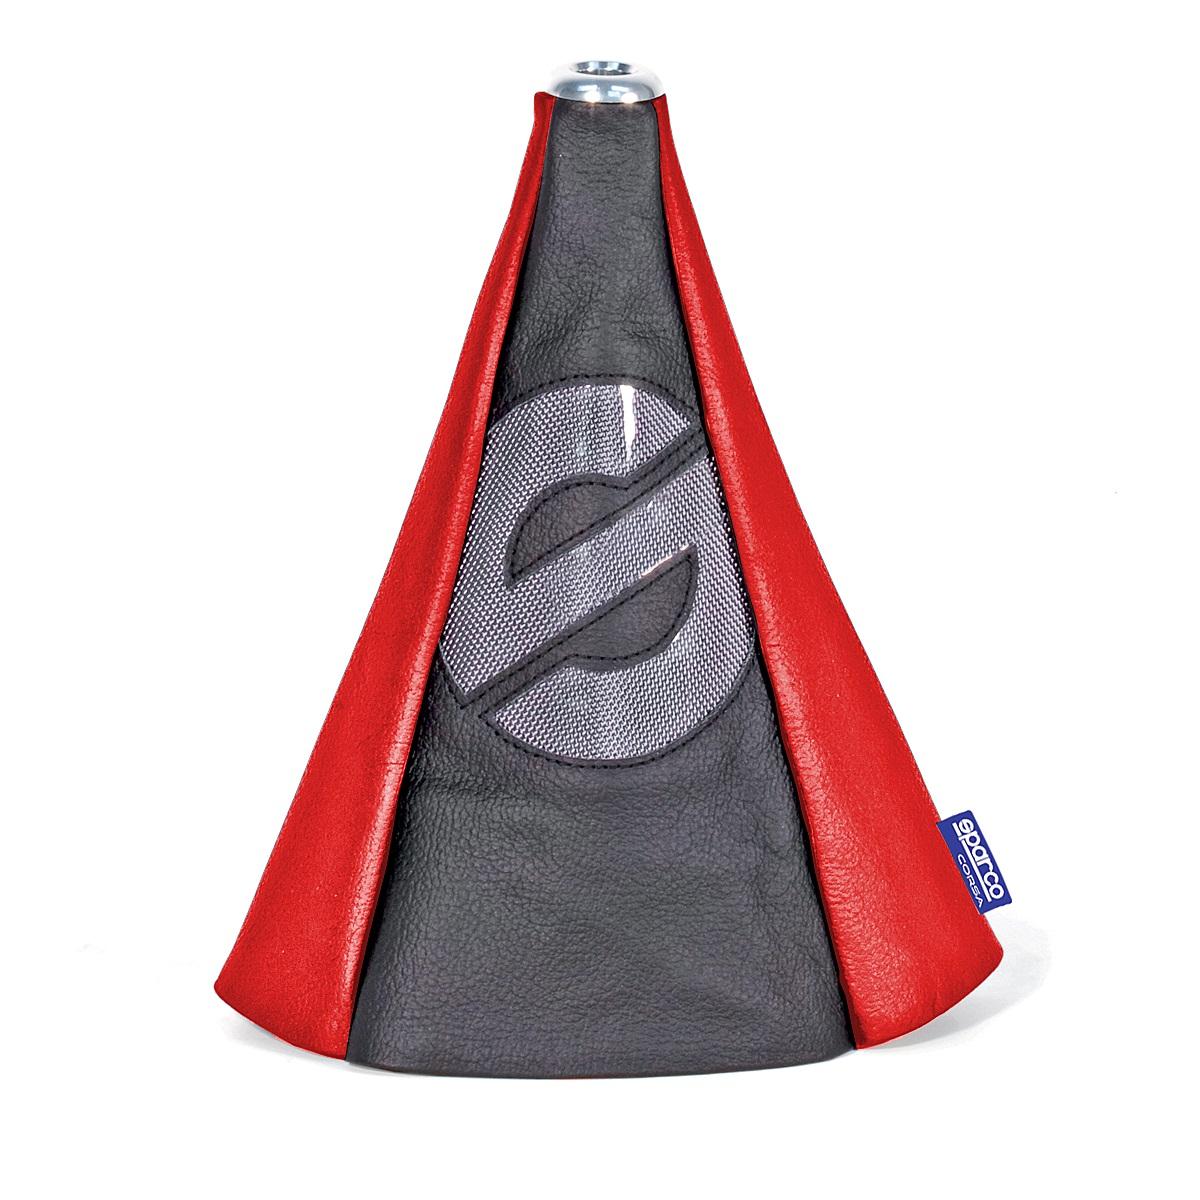 Чехол SparcoАксессуары<br>Тип автоаксессуара: тент,<br>Назначение: на рычаг механической КПП,<br>Материал: экокожа<br>